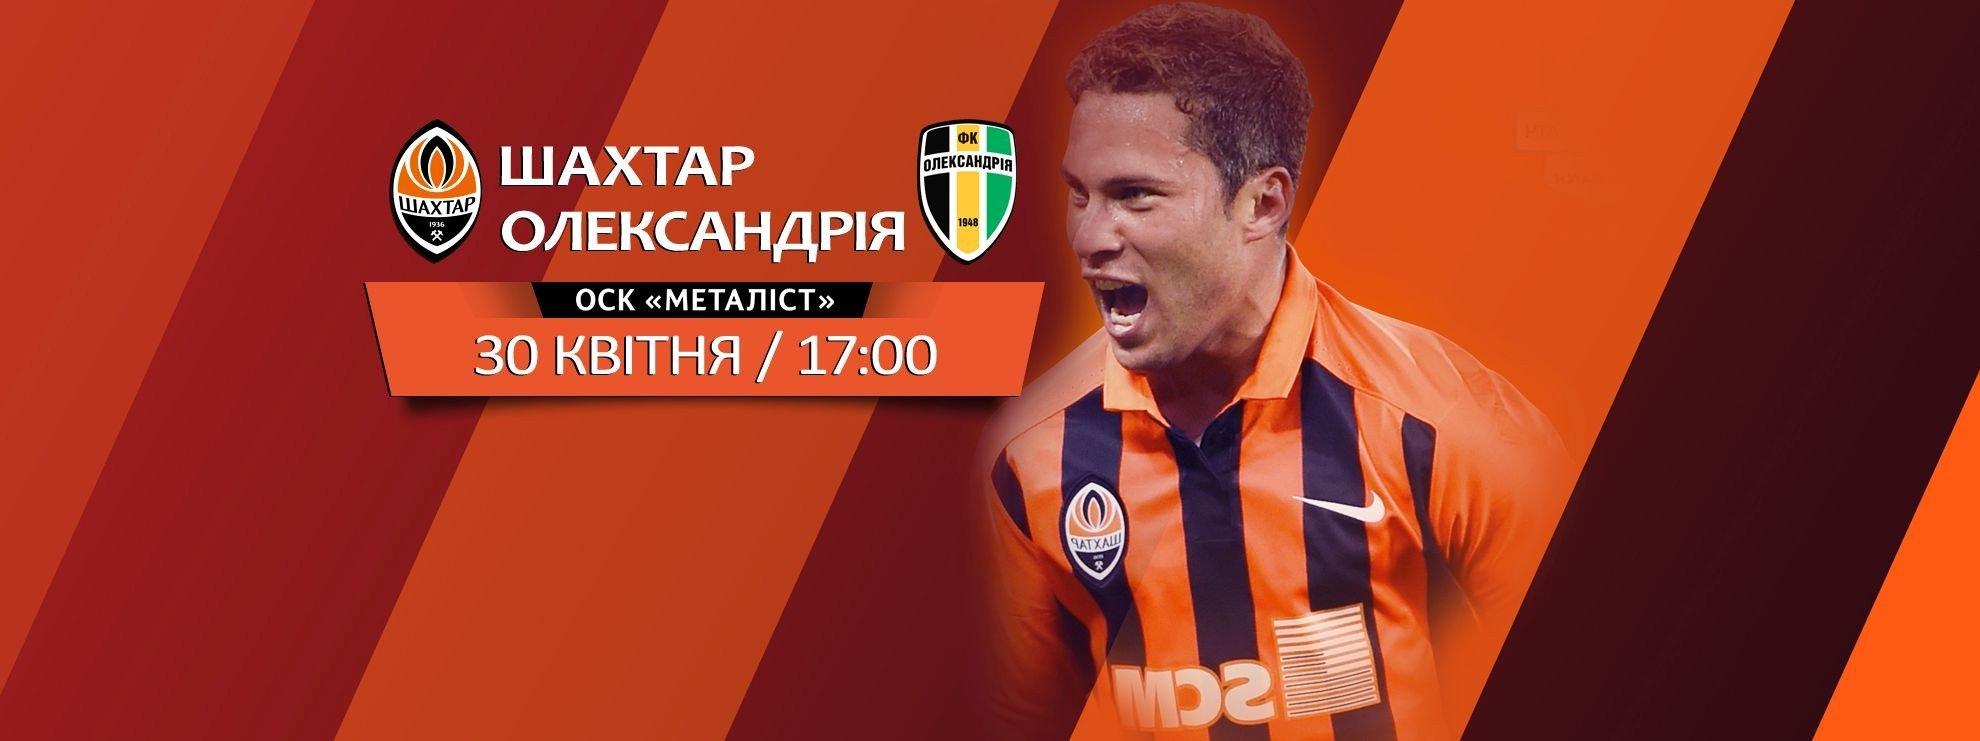 событие Шахтер — Александрия, Чемпионат Украины